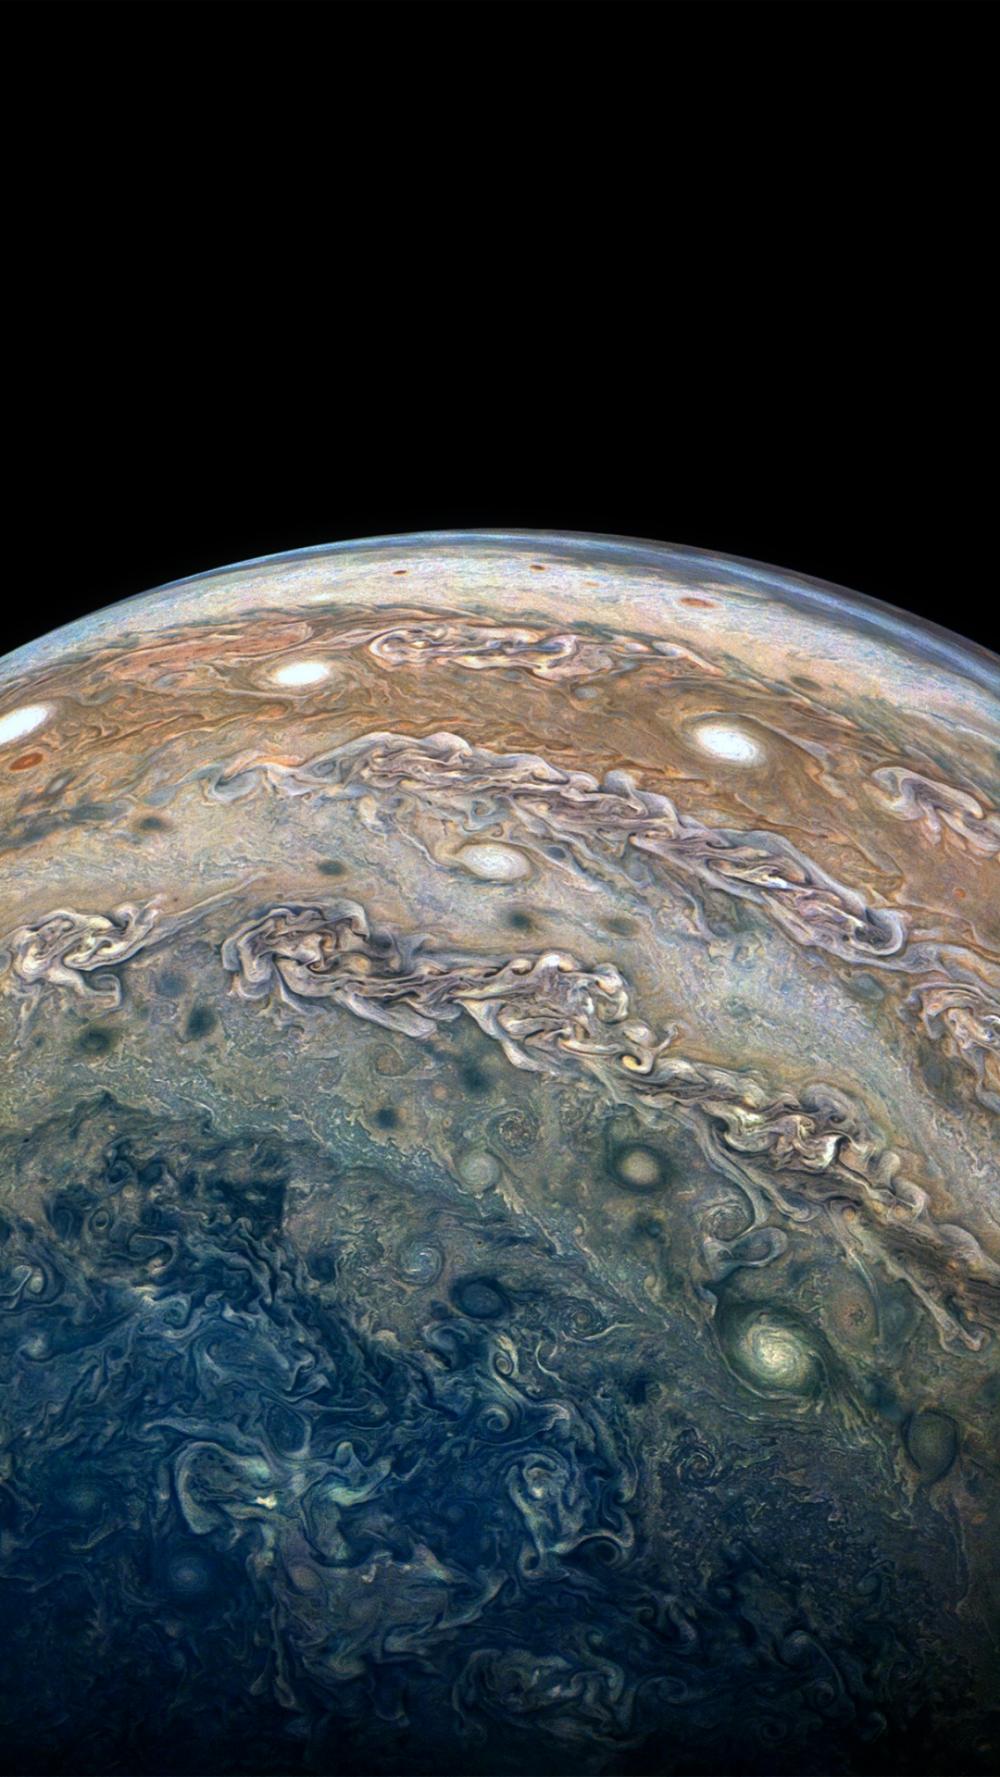 Sci Fi Jupiter Space 1080x1920 Mobile Wallpaper Espaco E Astronomia Astronomia Cosmologia